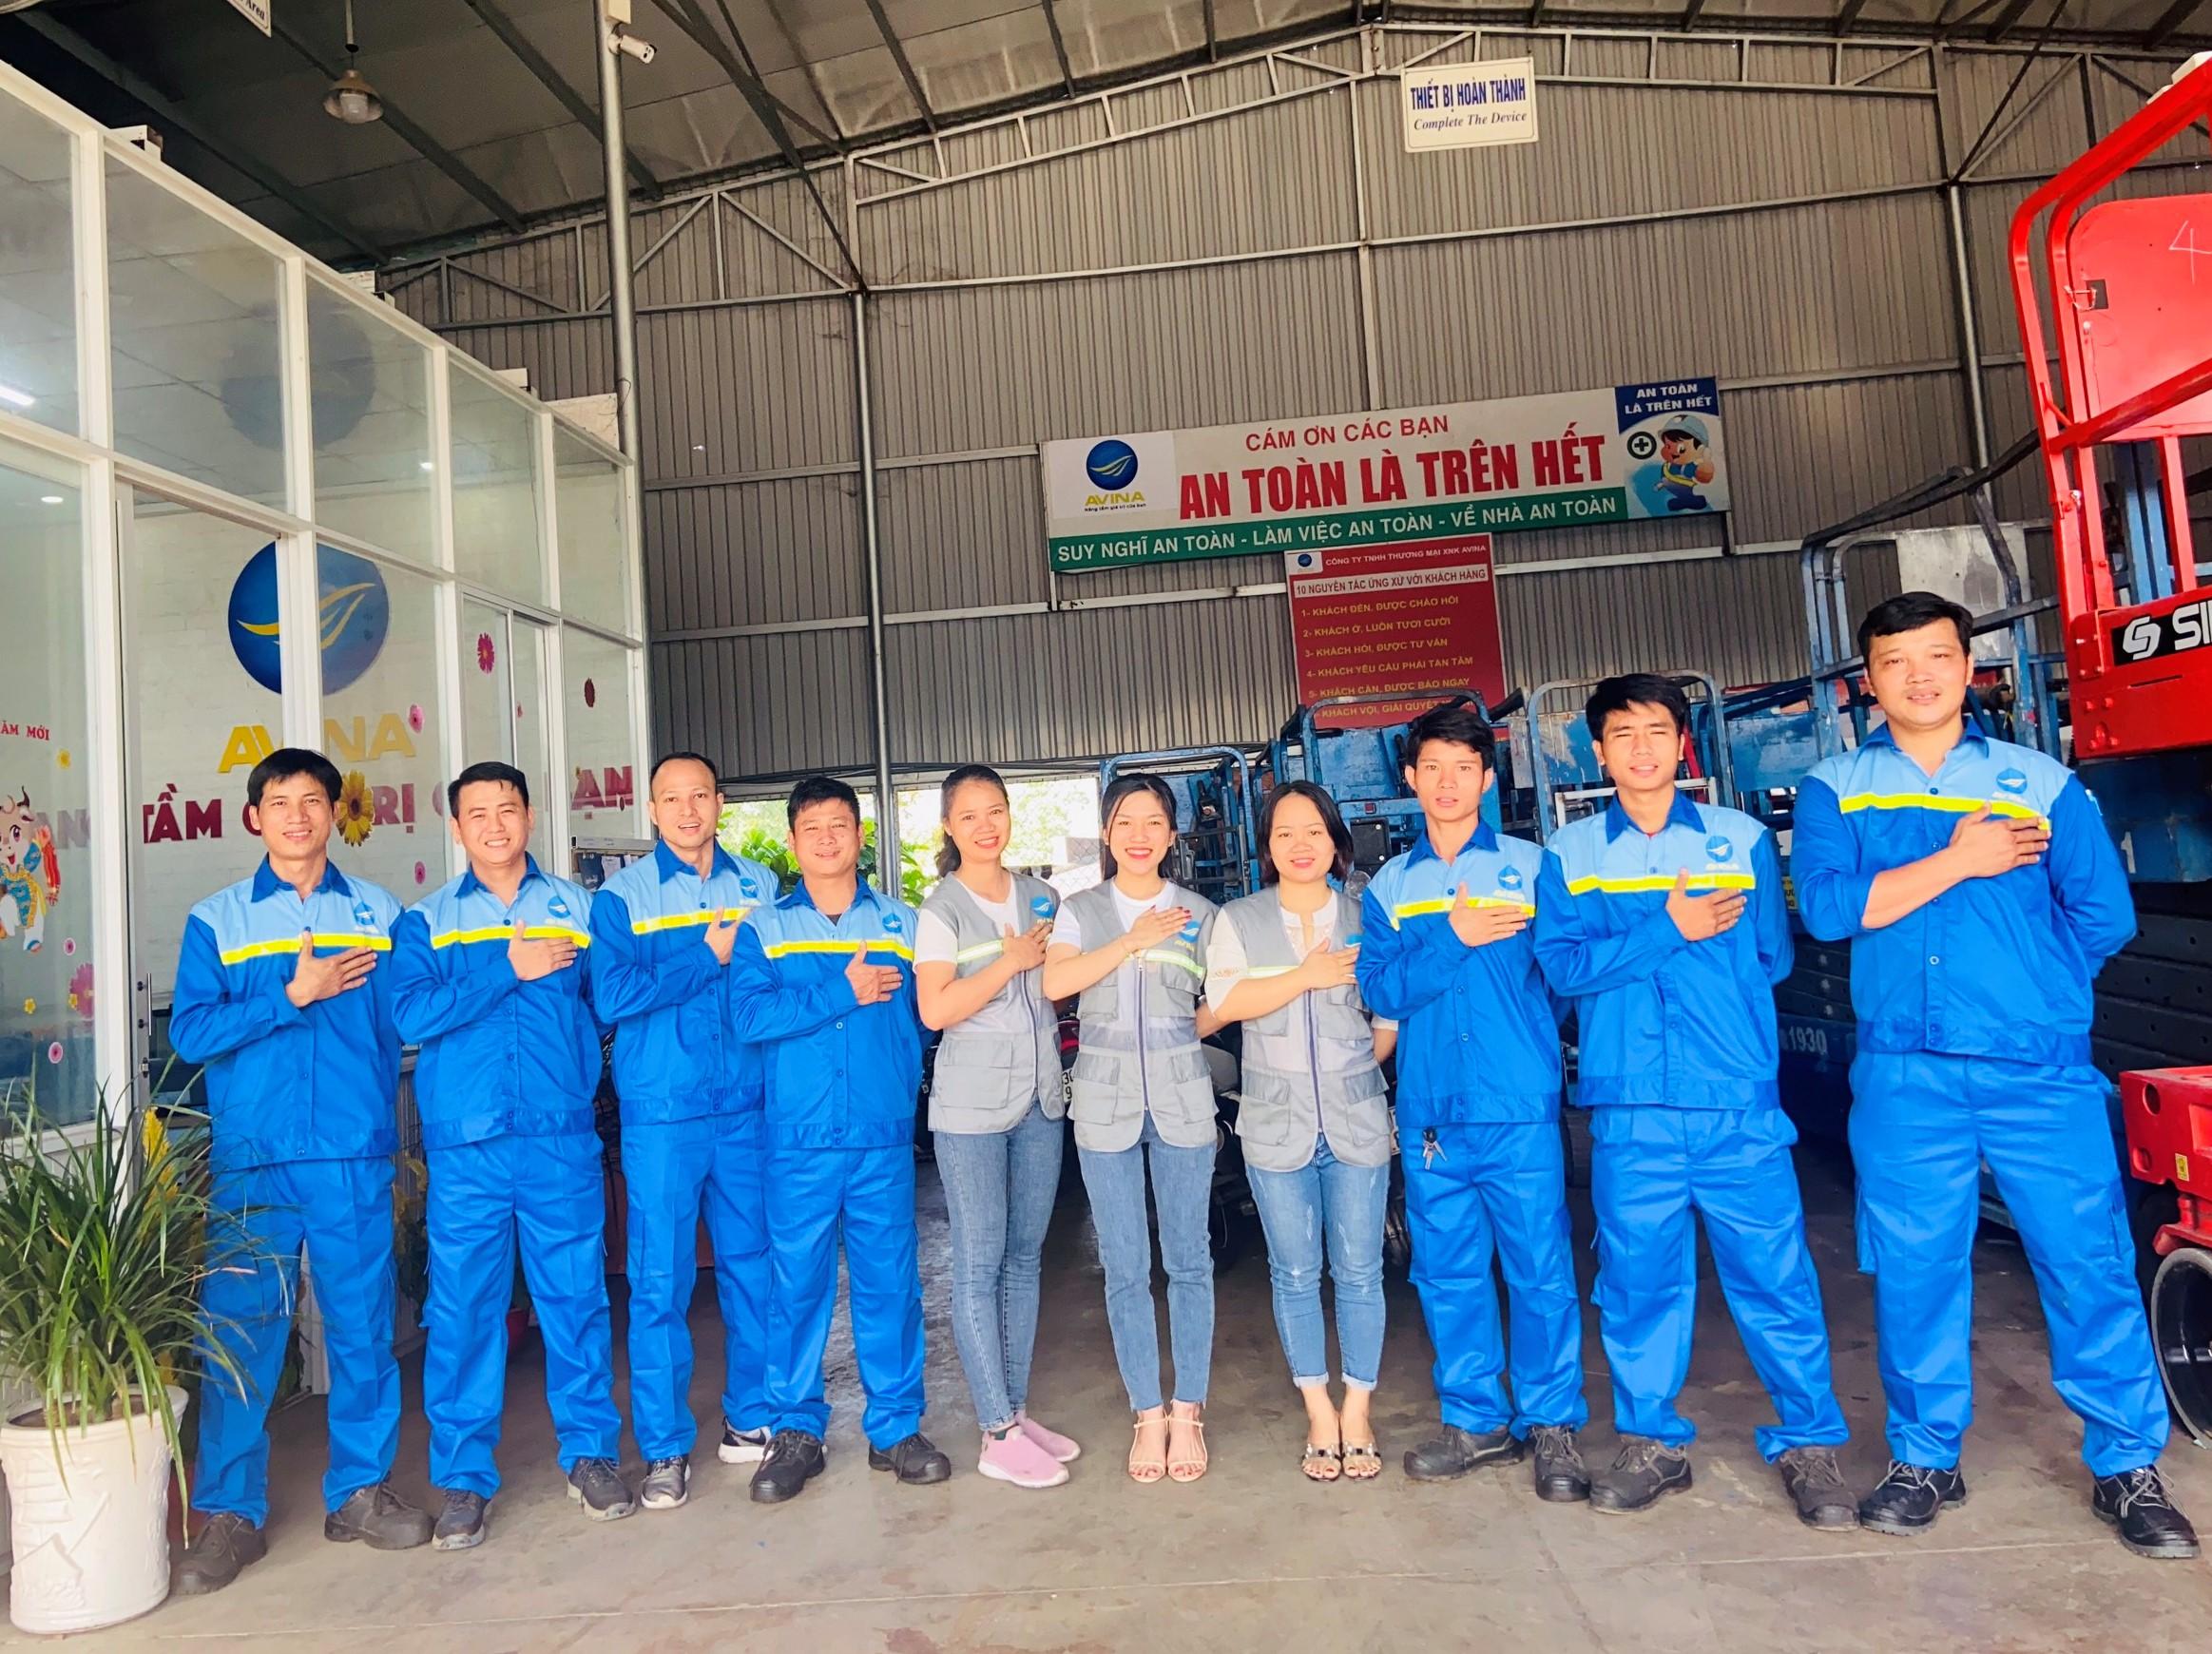 Cam kết của cty Avina khi cho thuê xe nâng người tại Đồng Nai